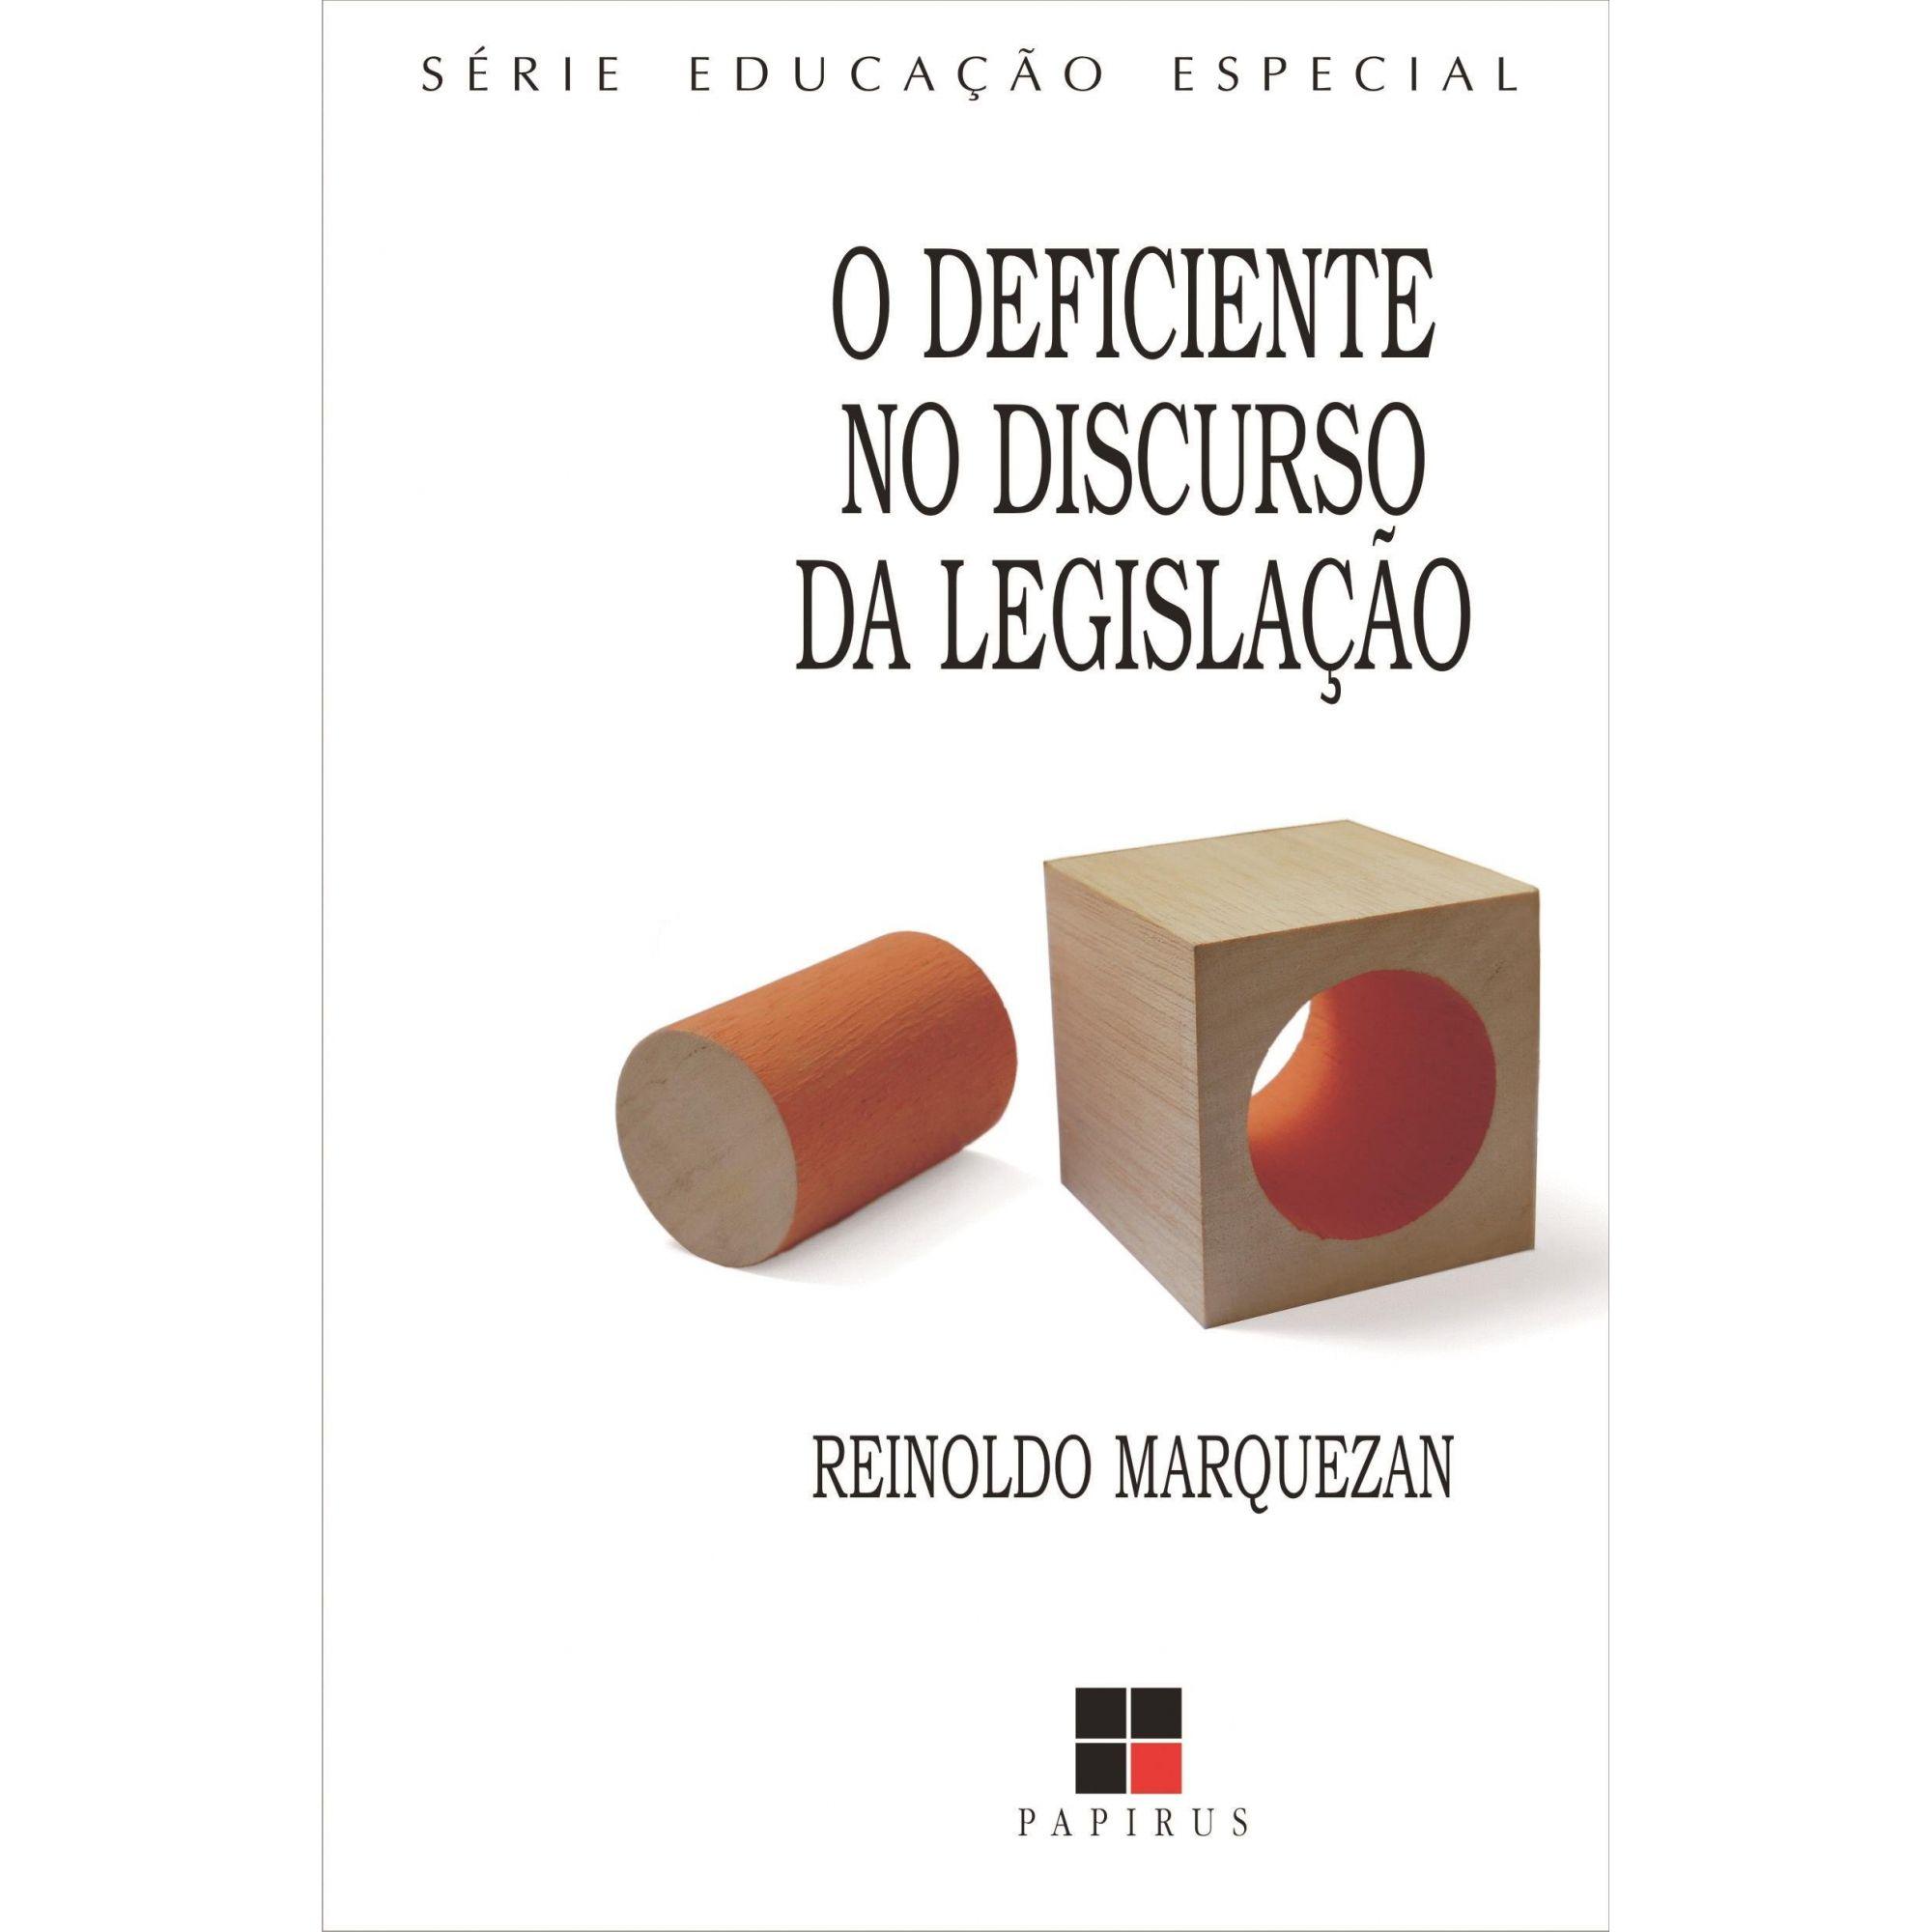 O Deficiente No Discurso da Legislaçao